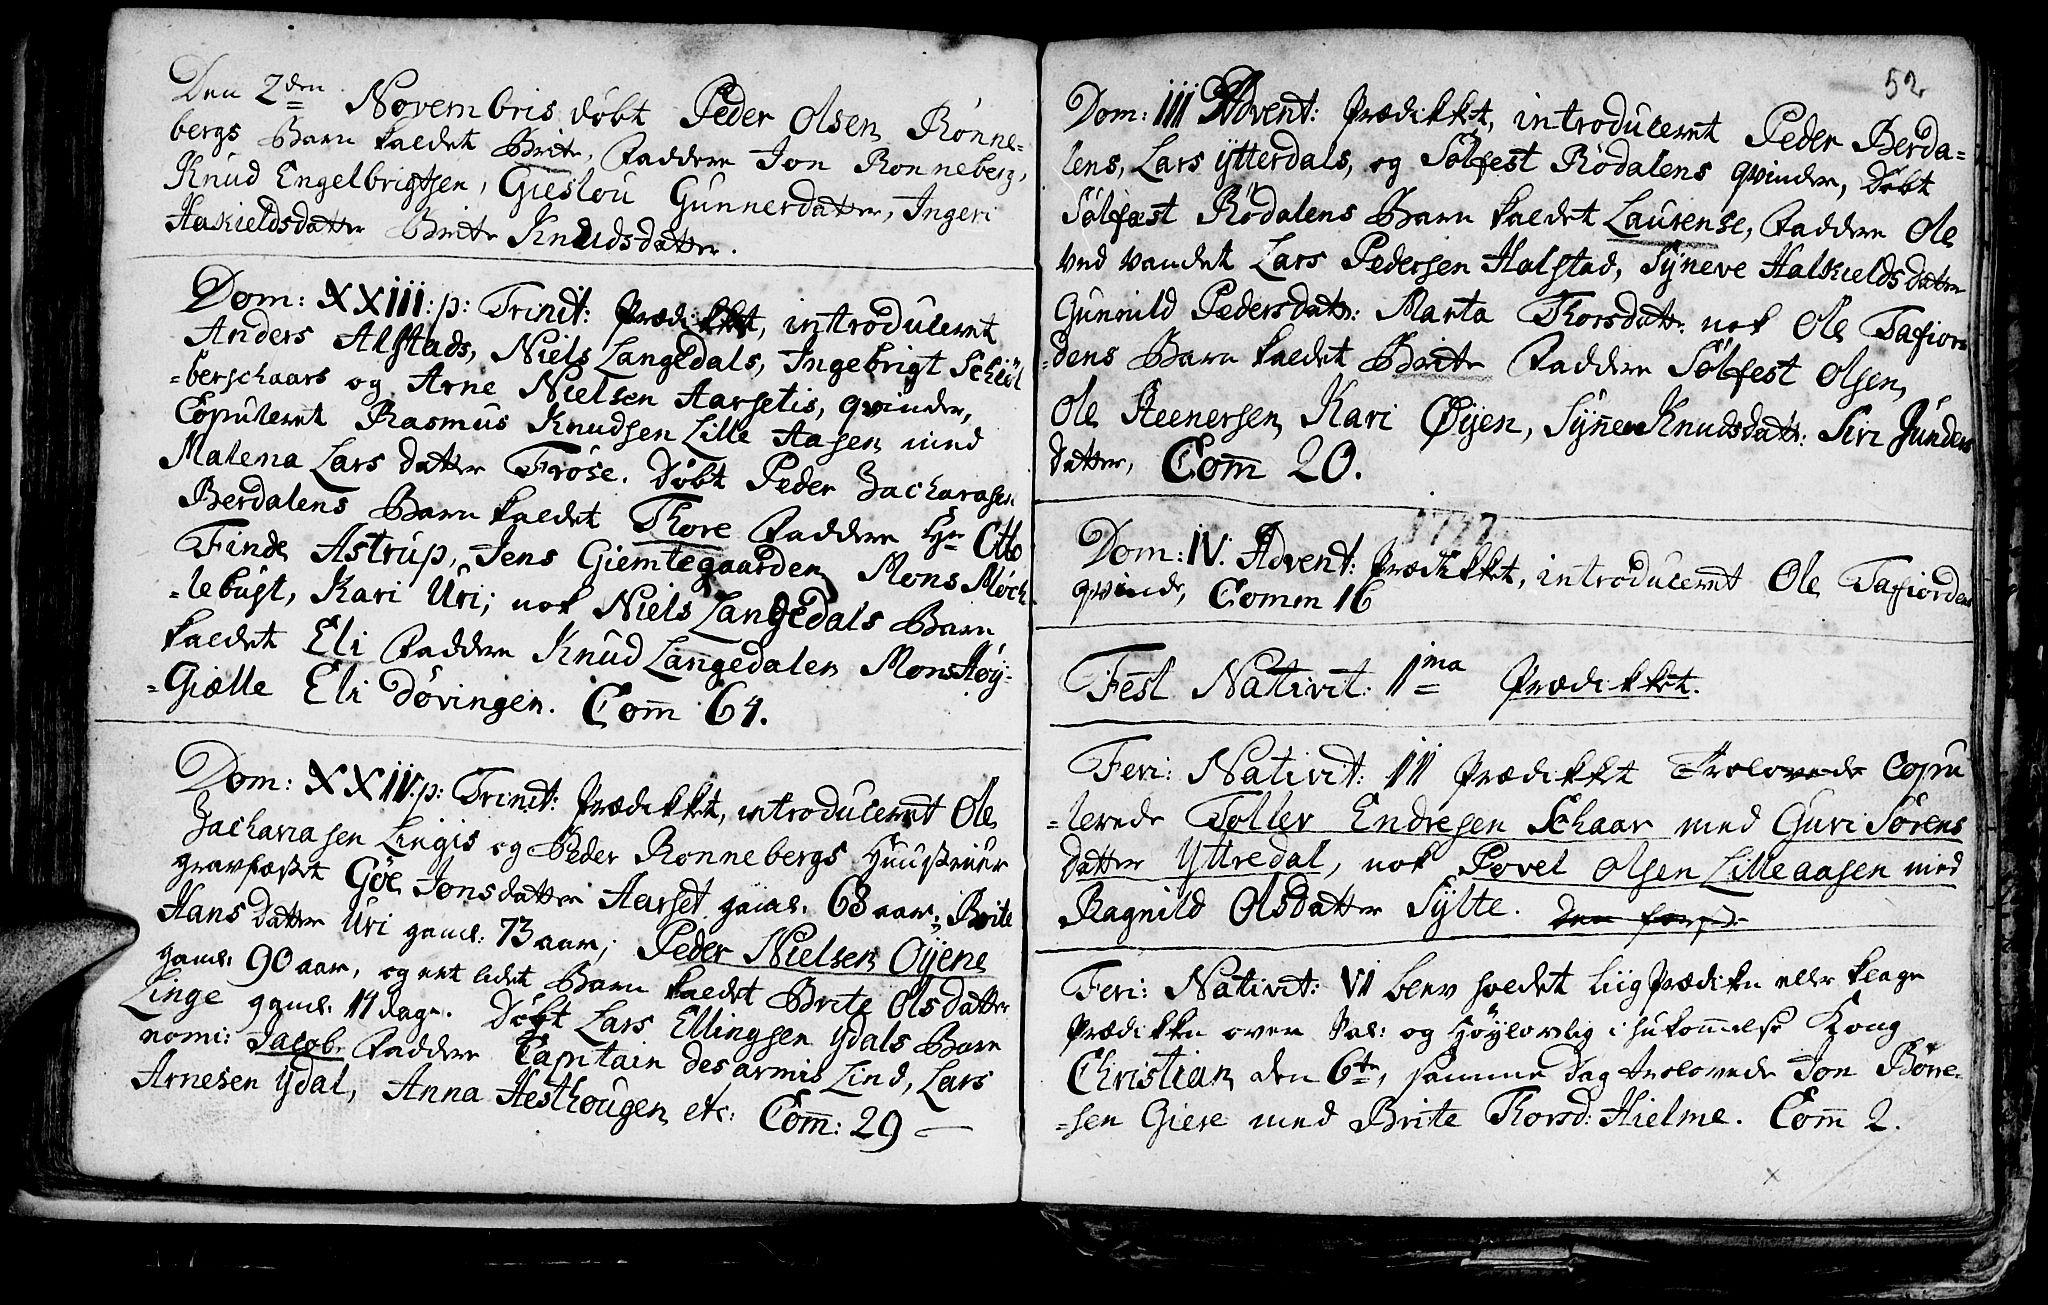 SAT, Ministerialprotokoller, klokkerbøker og fødselsregistre - Møre og Romsdal, 519/L0240: Ministerialbok nr. 519A01 /1, 1736-1760, s. 52